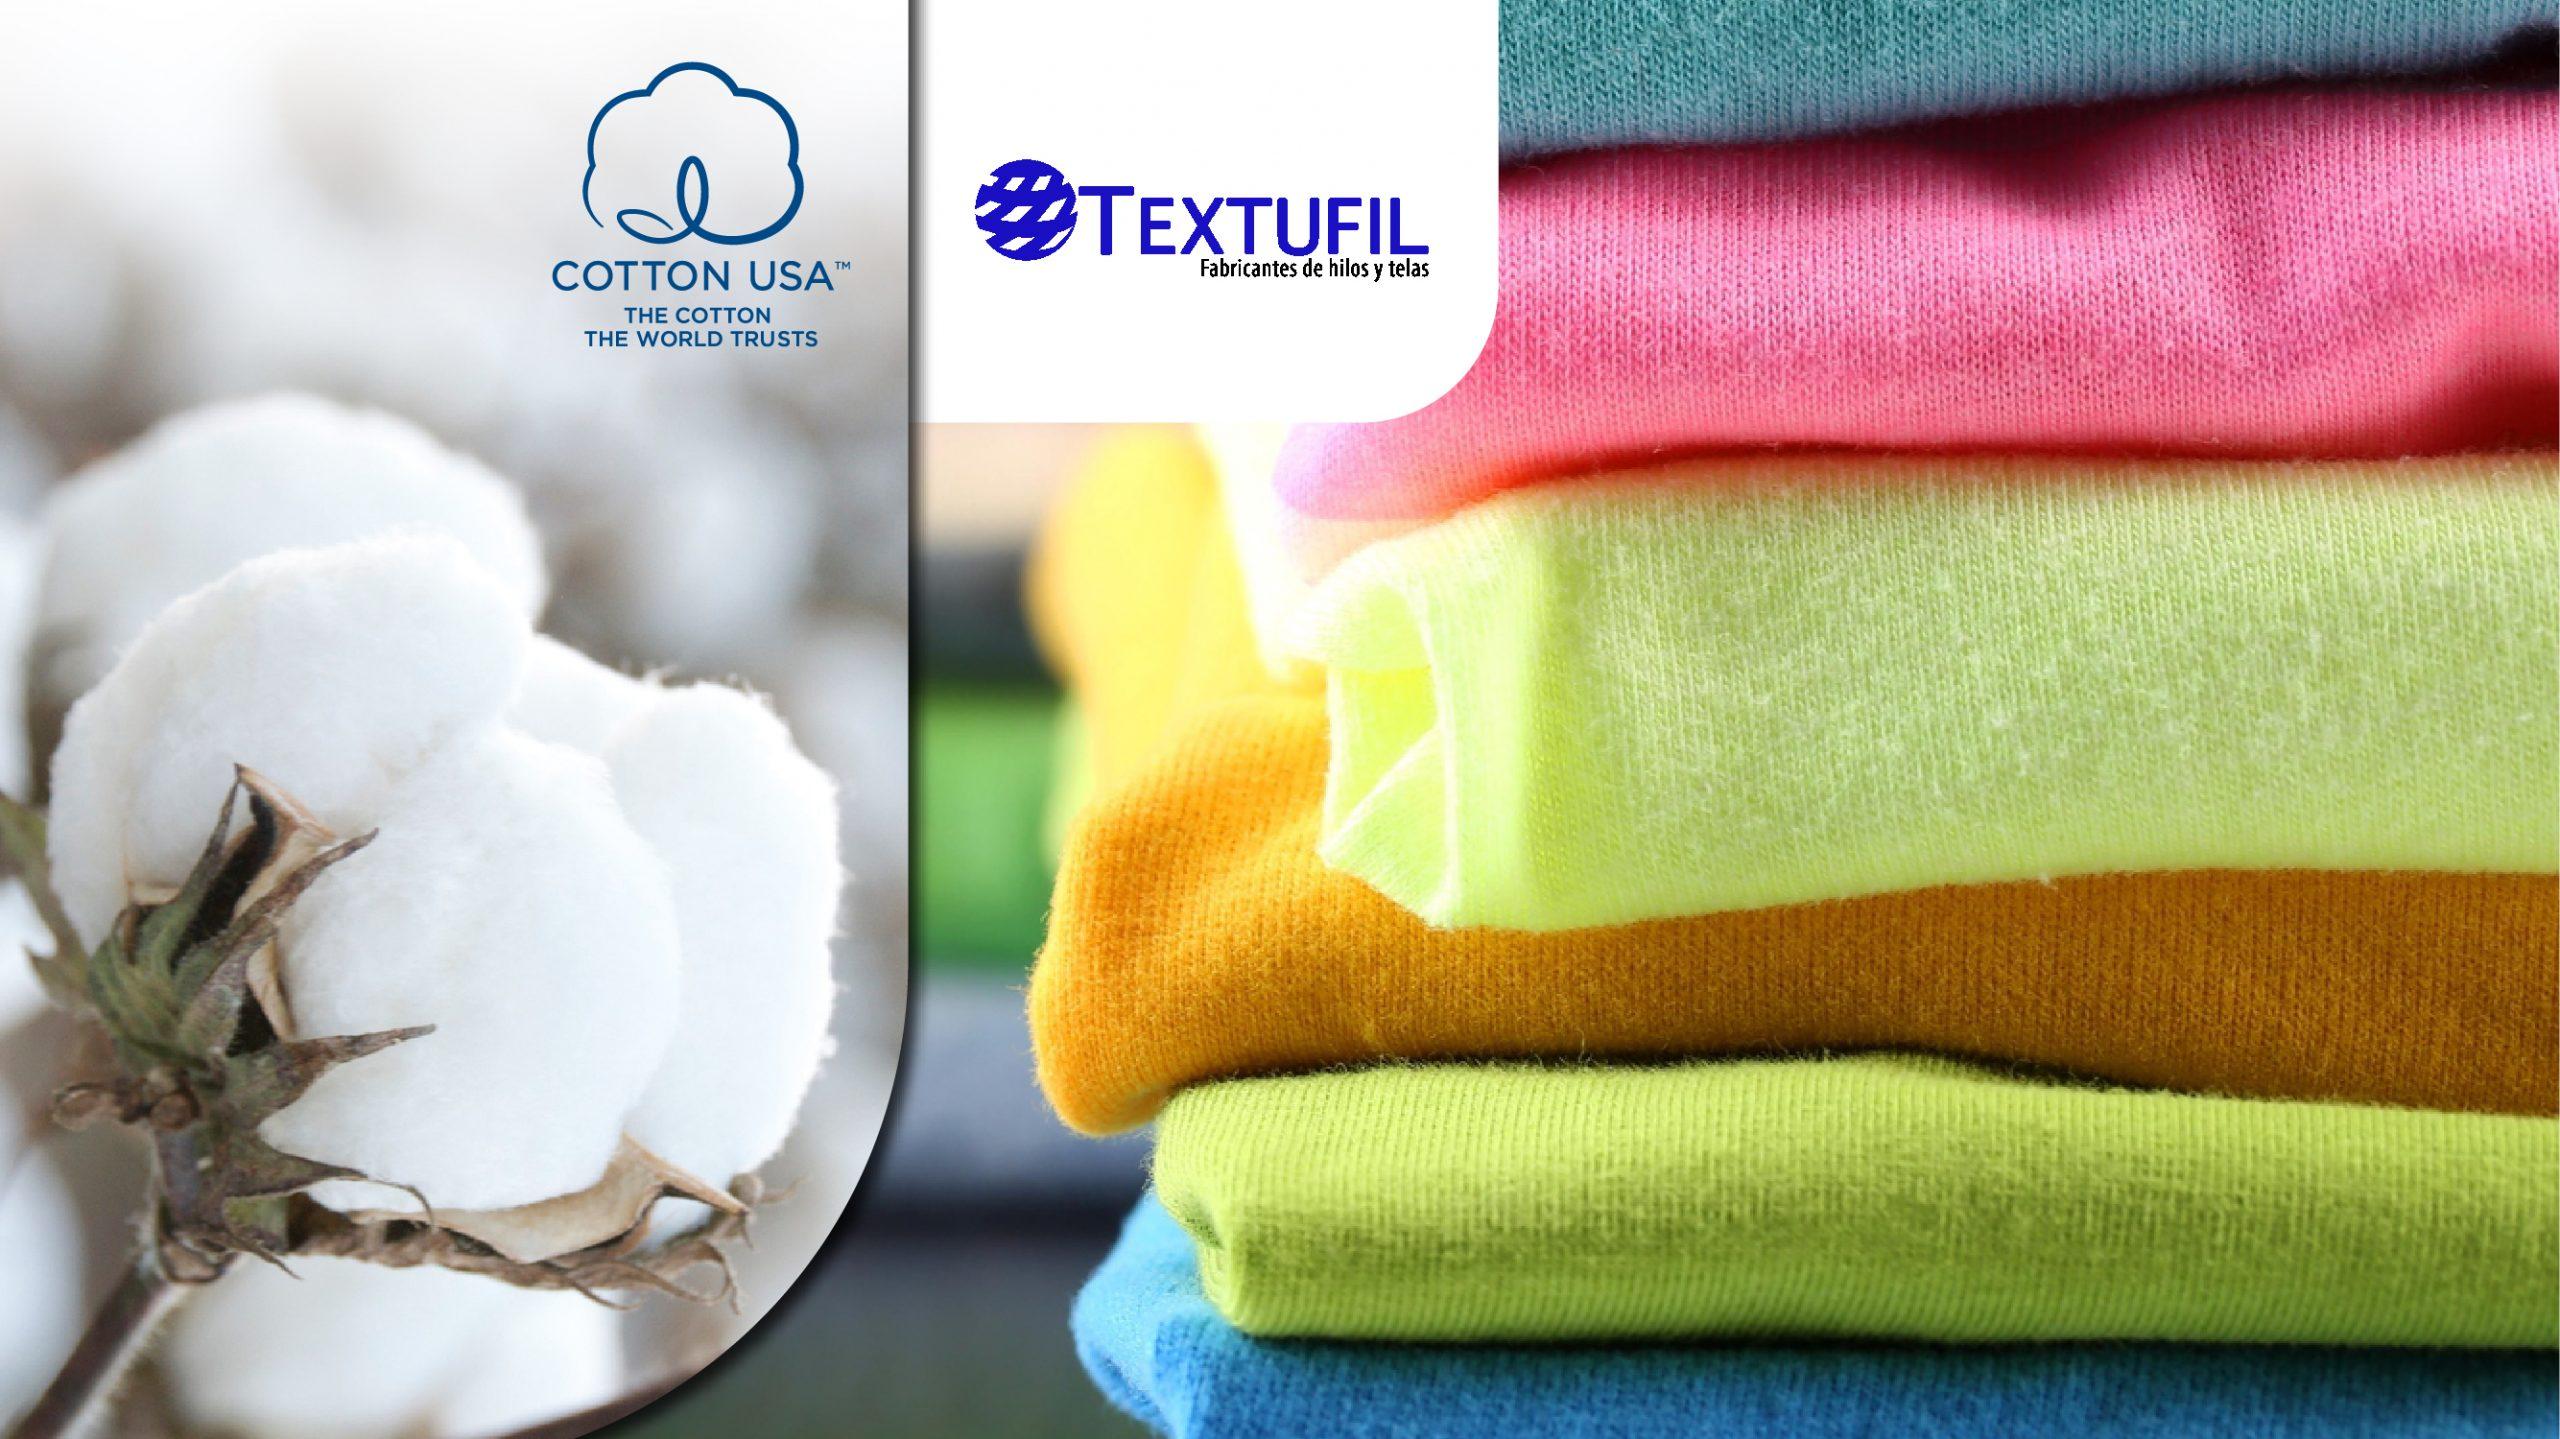 COTTON USA y Textufil: Siempre en el camino de la protección ambiental